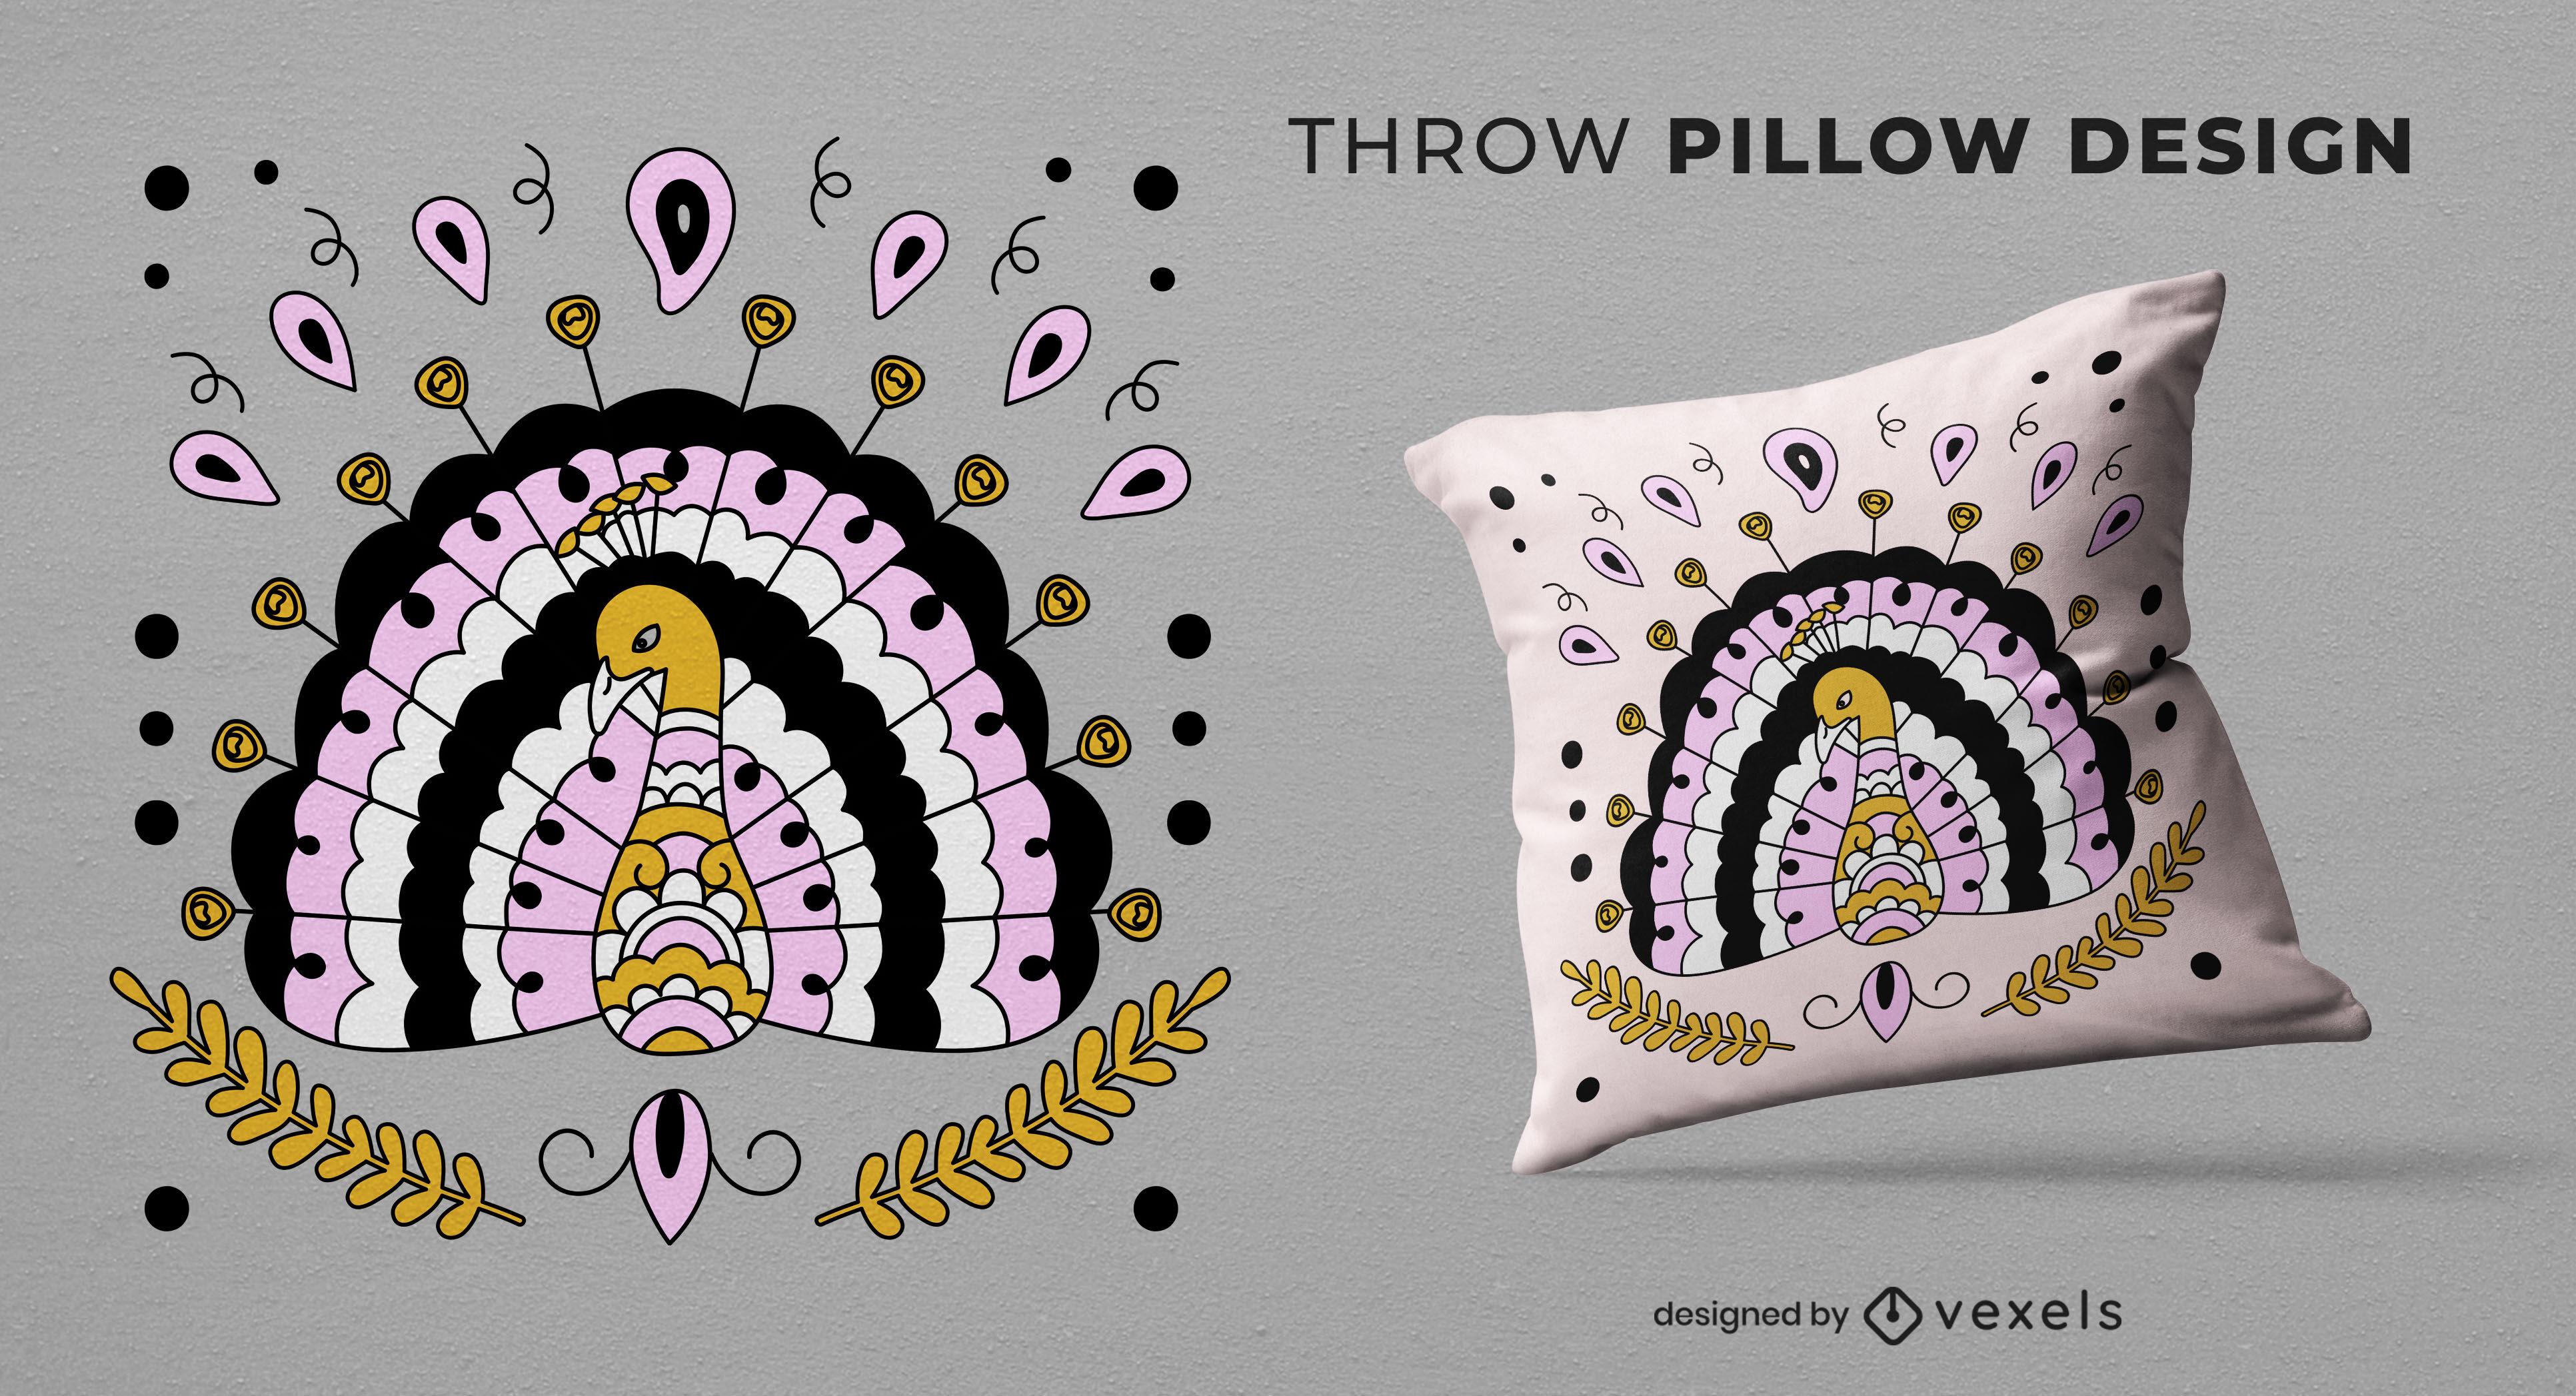 Diseño de almohada de tiro animal pavo real